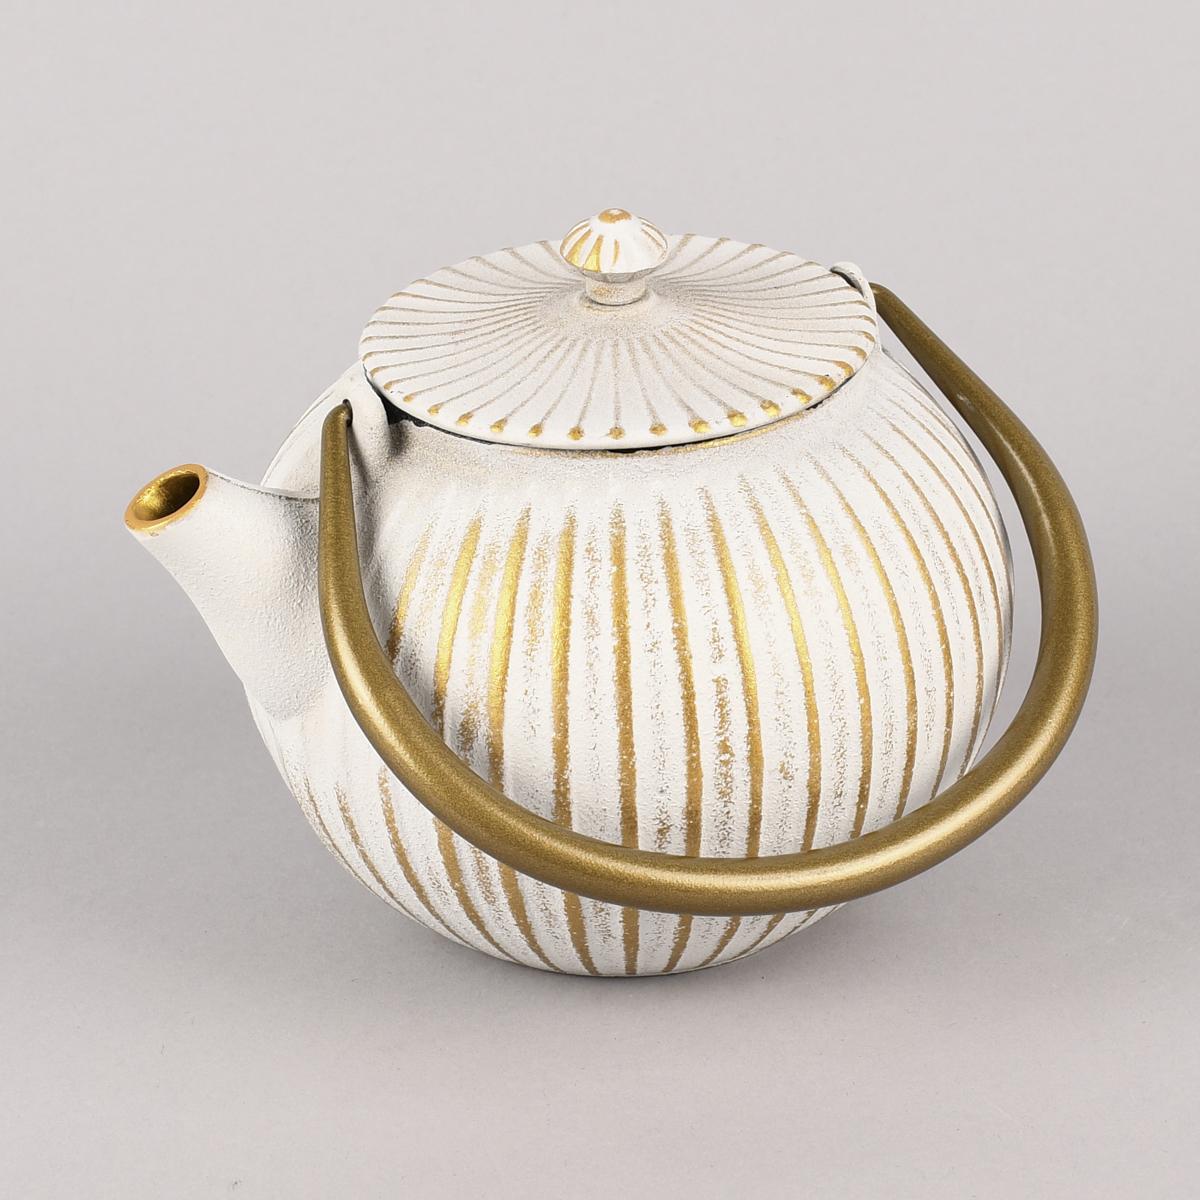 Japanische Gusseisen Teekanne Rillen weiß goldfarbig 1,1 L